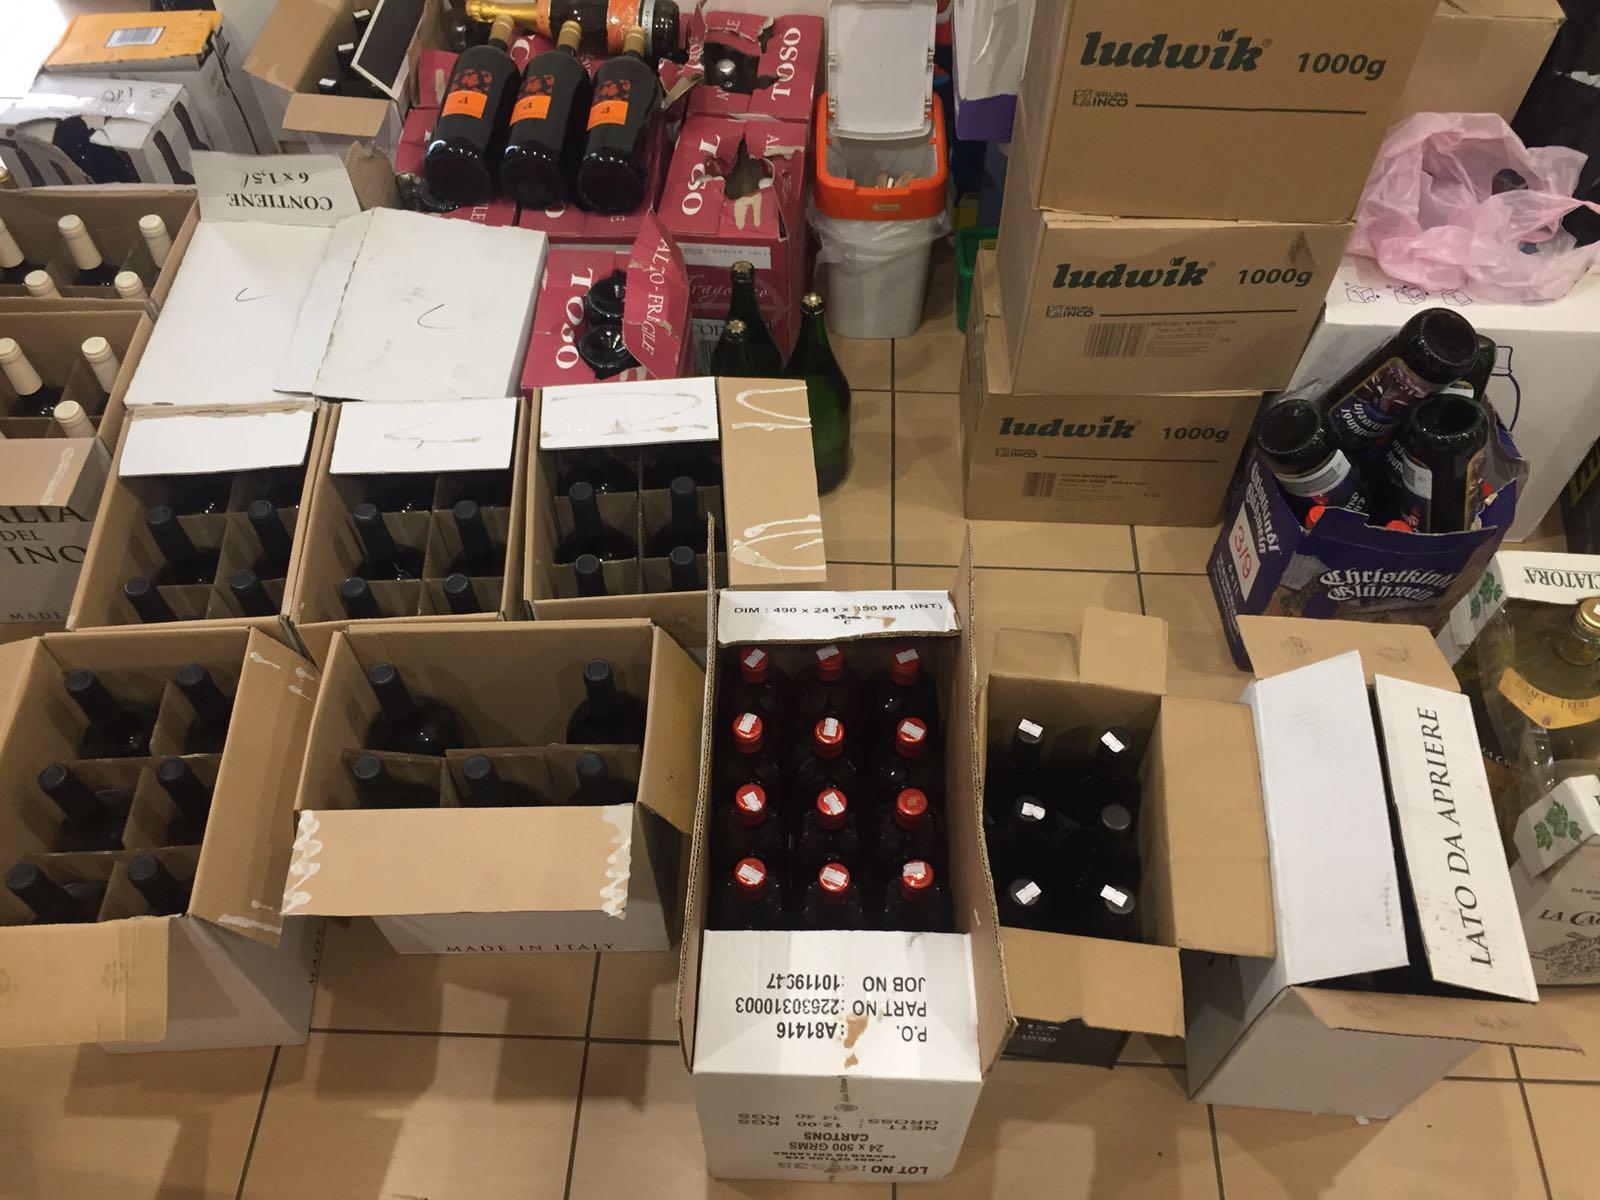 На підприємстві у Луцьку виявили алкоголь ввезений в Україну з порушенням митного законодавства